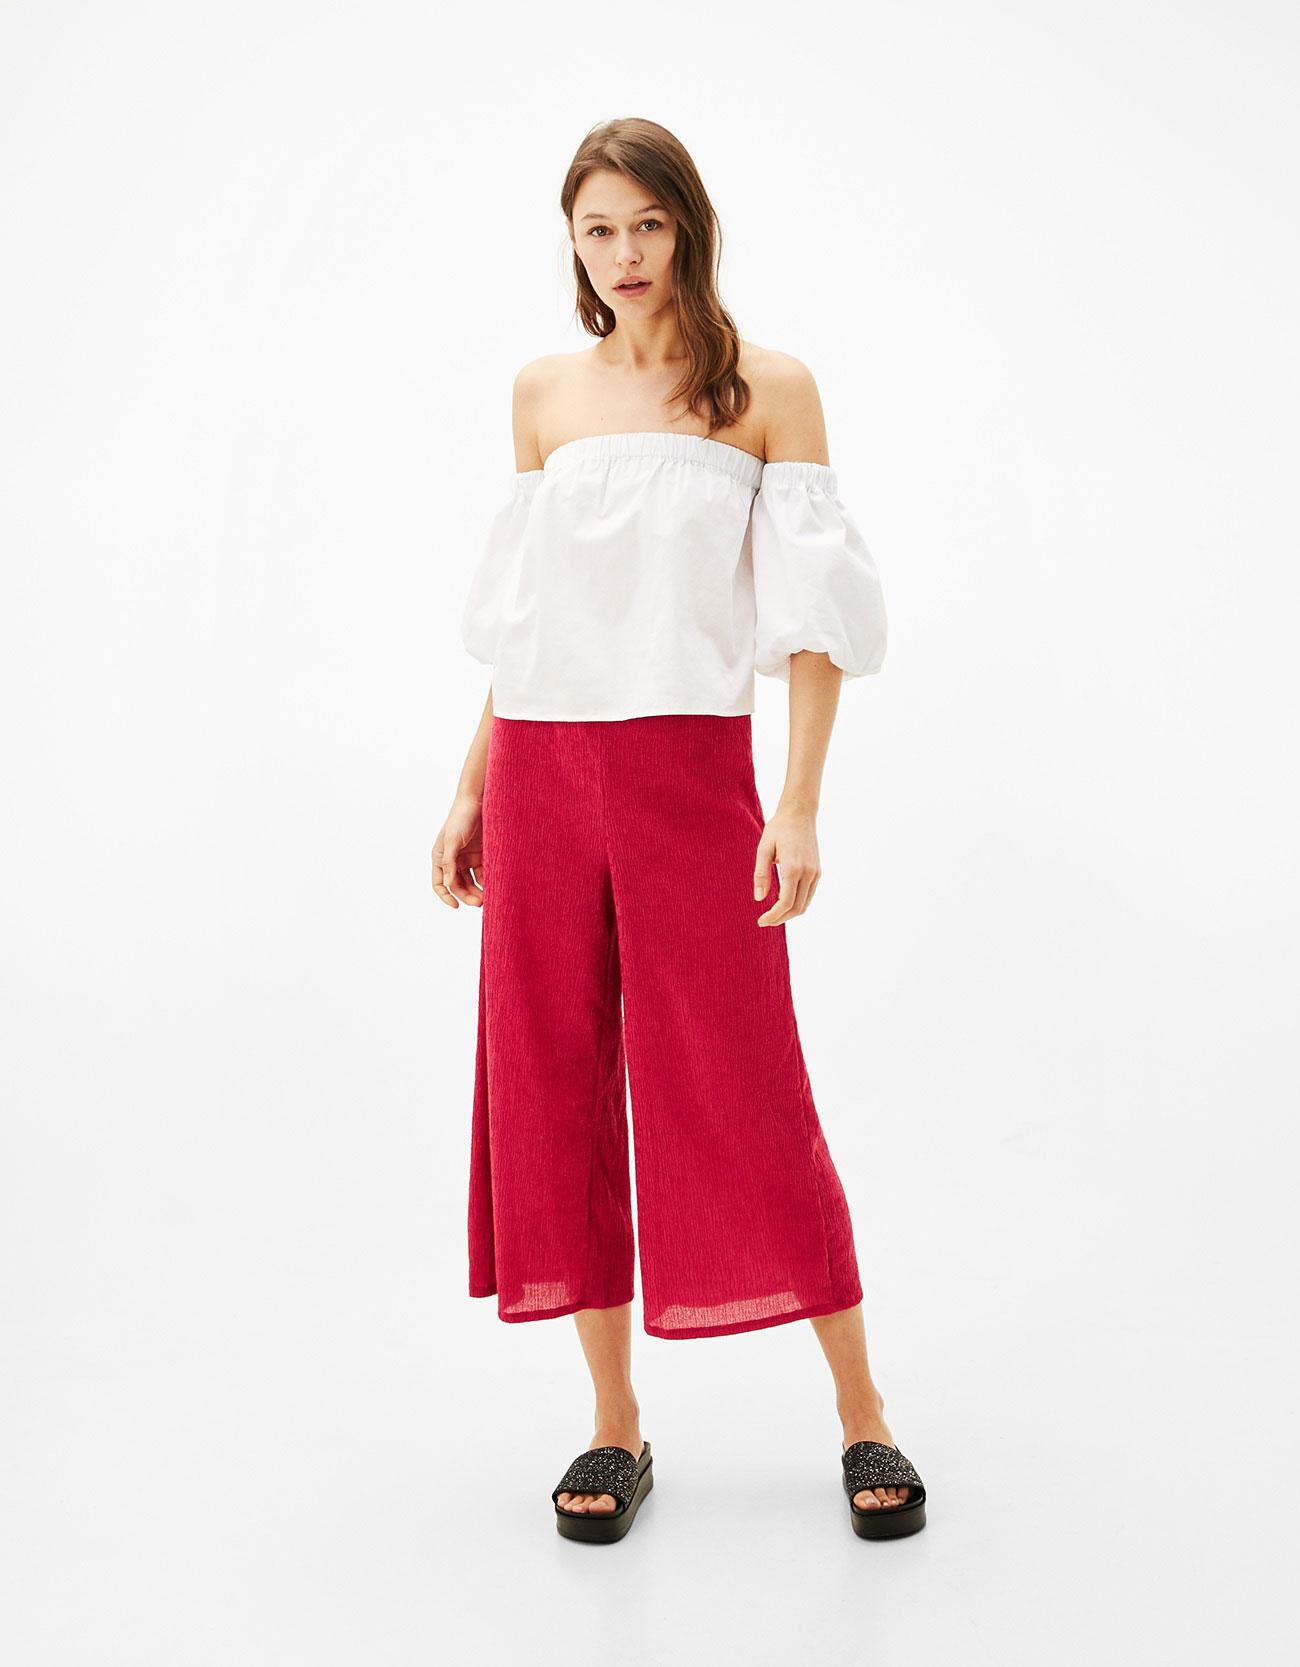 Pantaloni culotte rosa texture Bershka